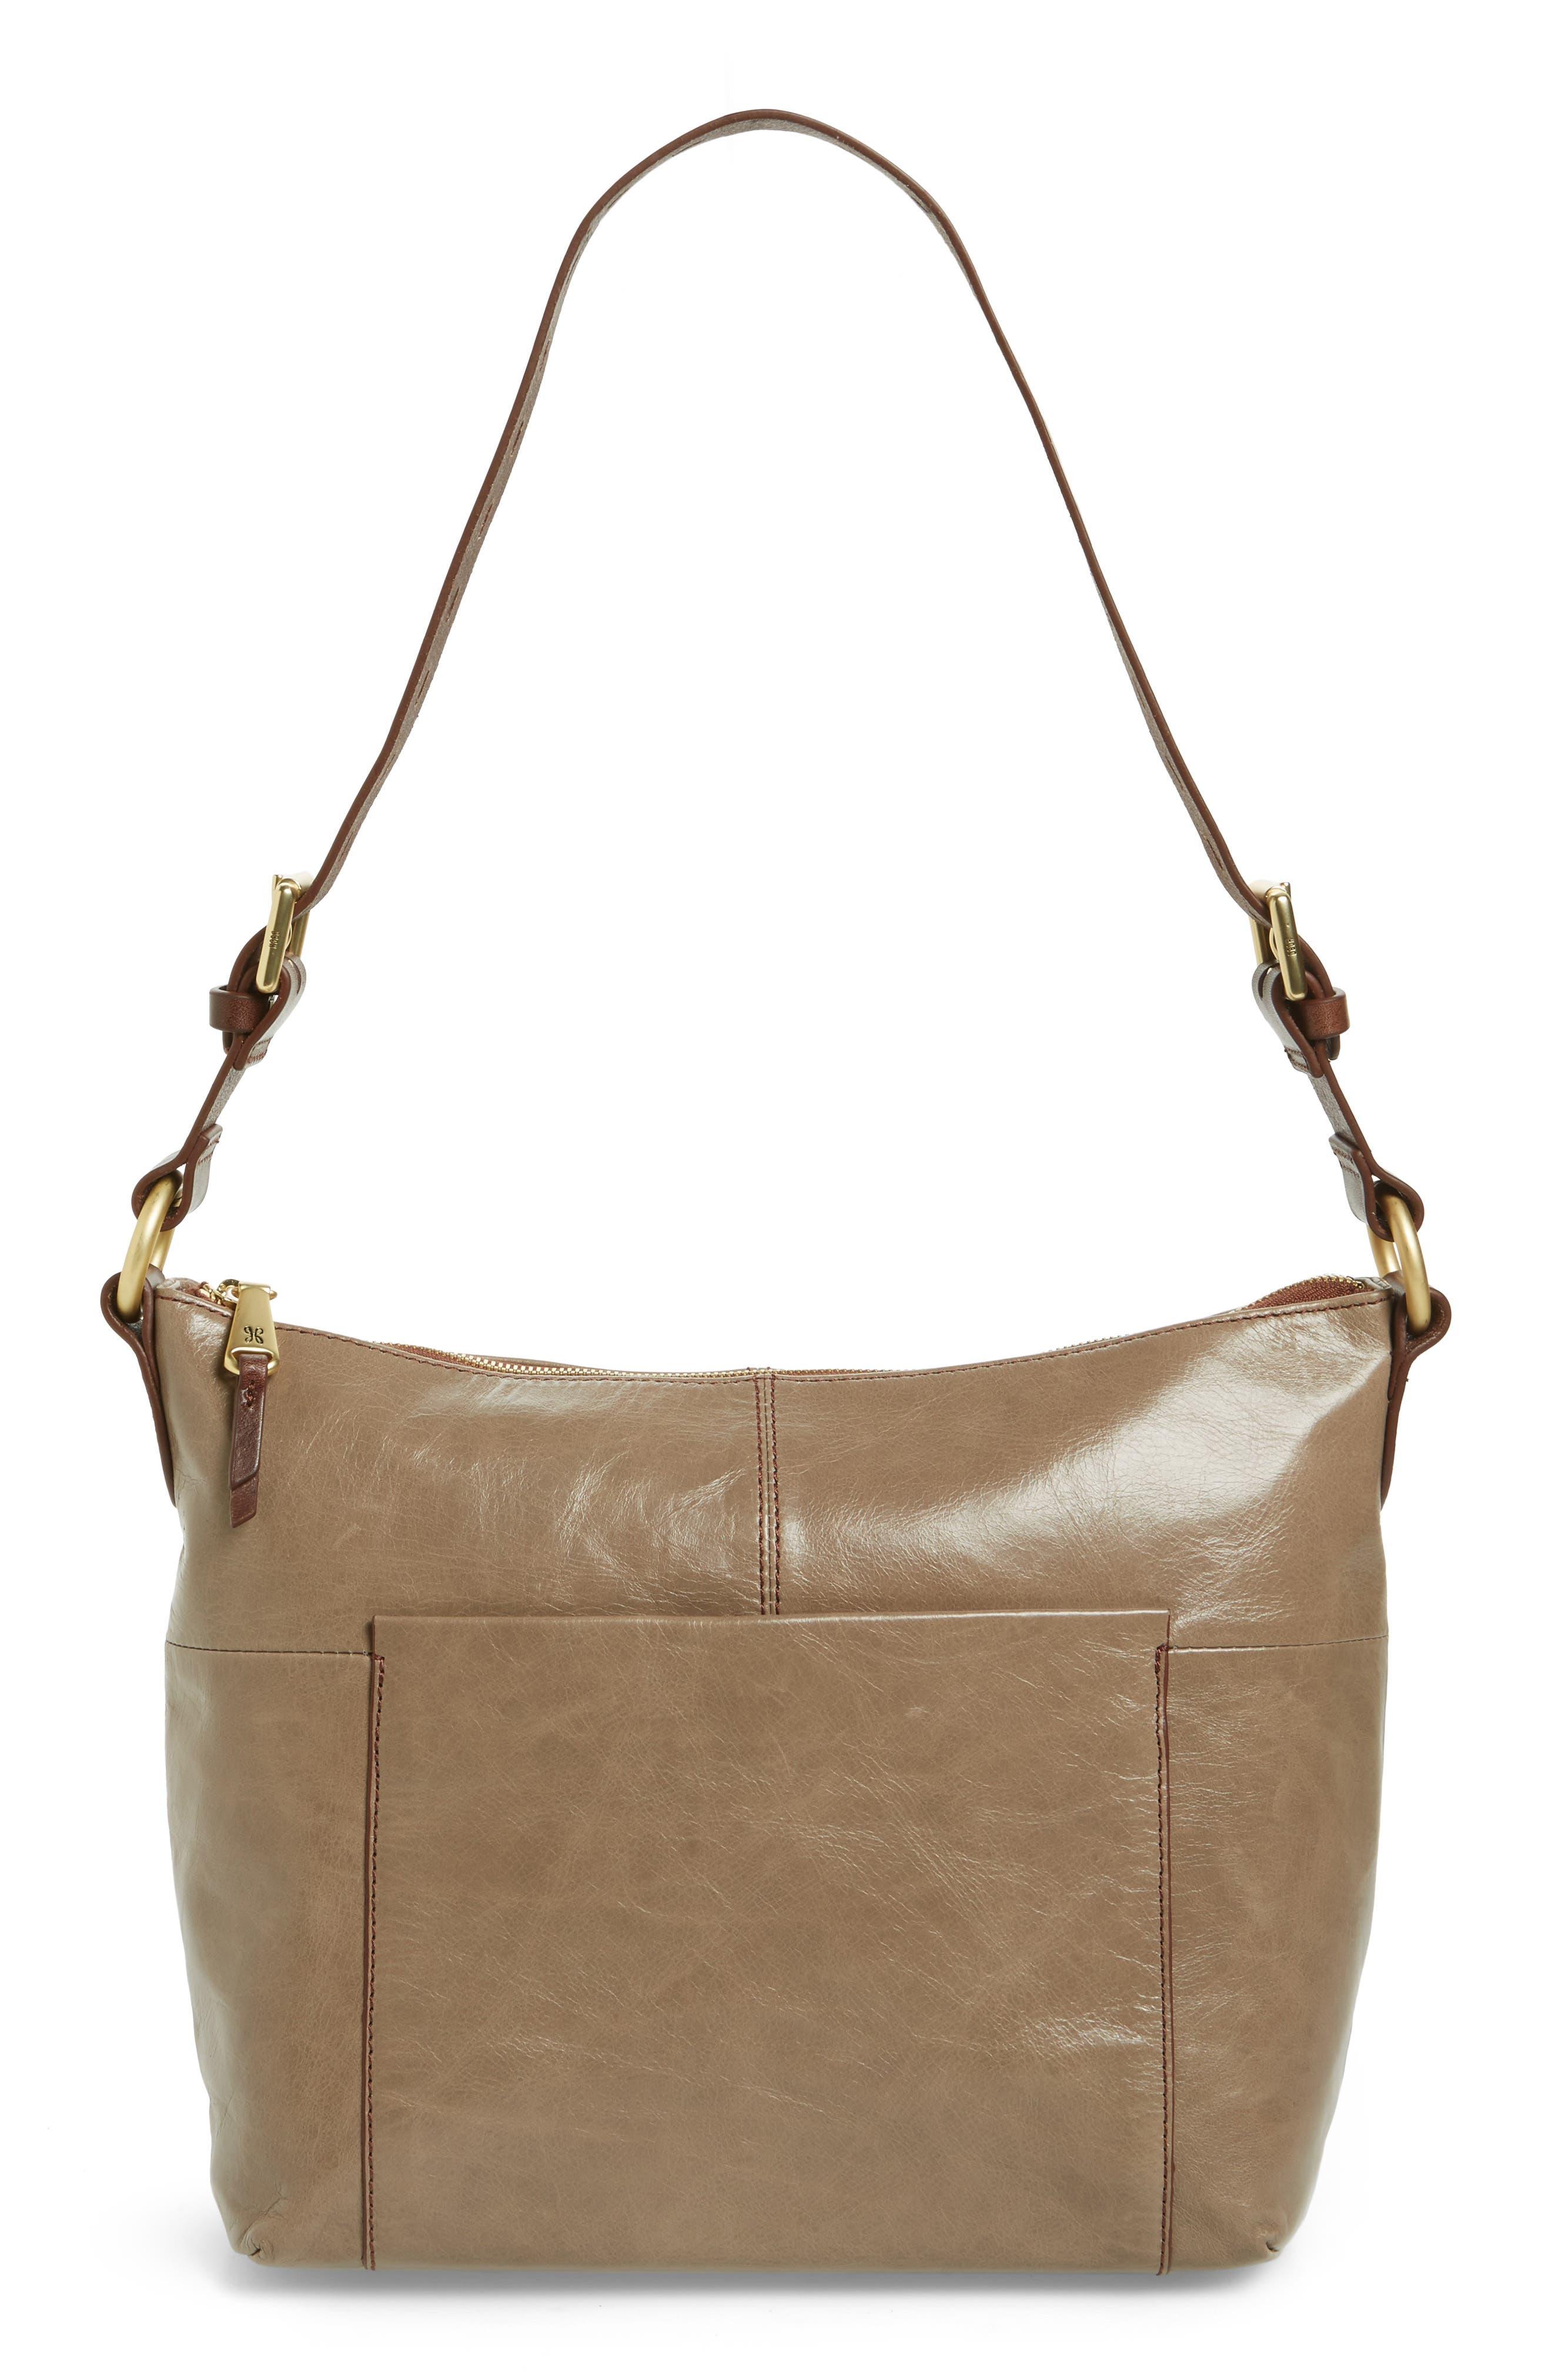 Alternate Image 1 Selected - Hobo 'Charlie' Leather Shoulder Bag